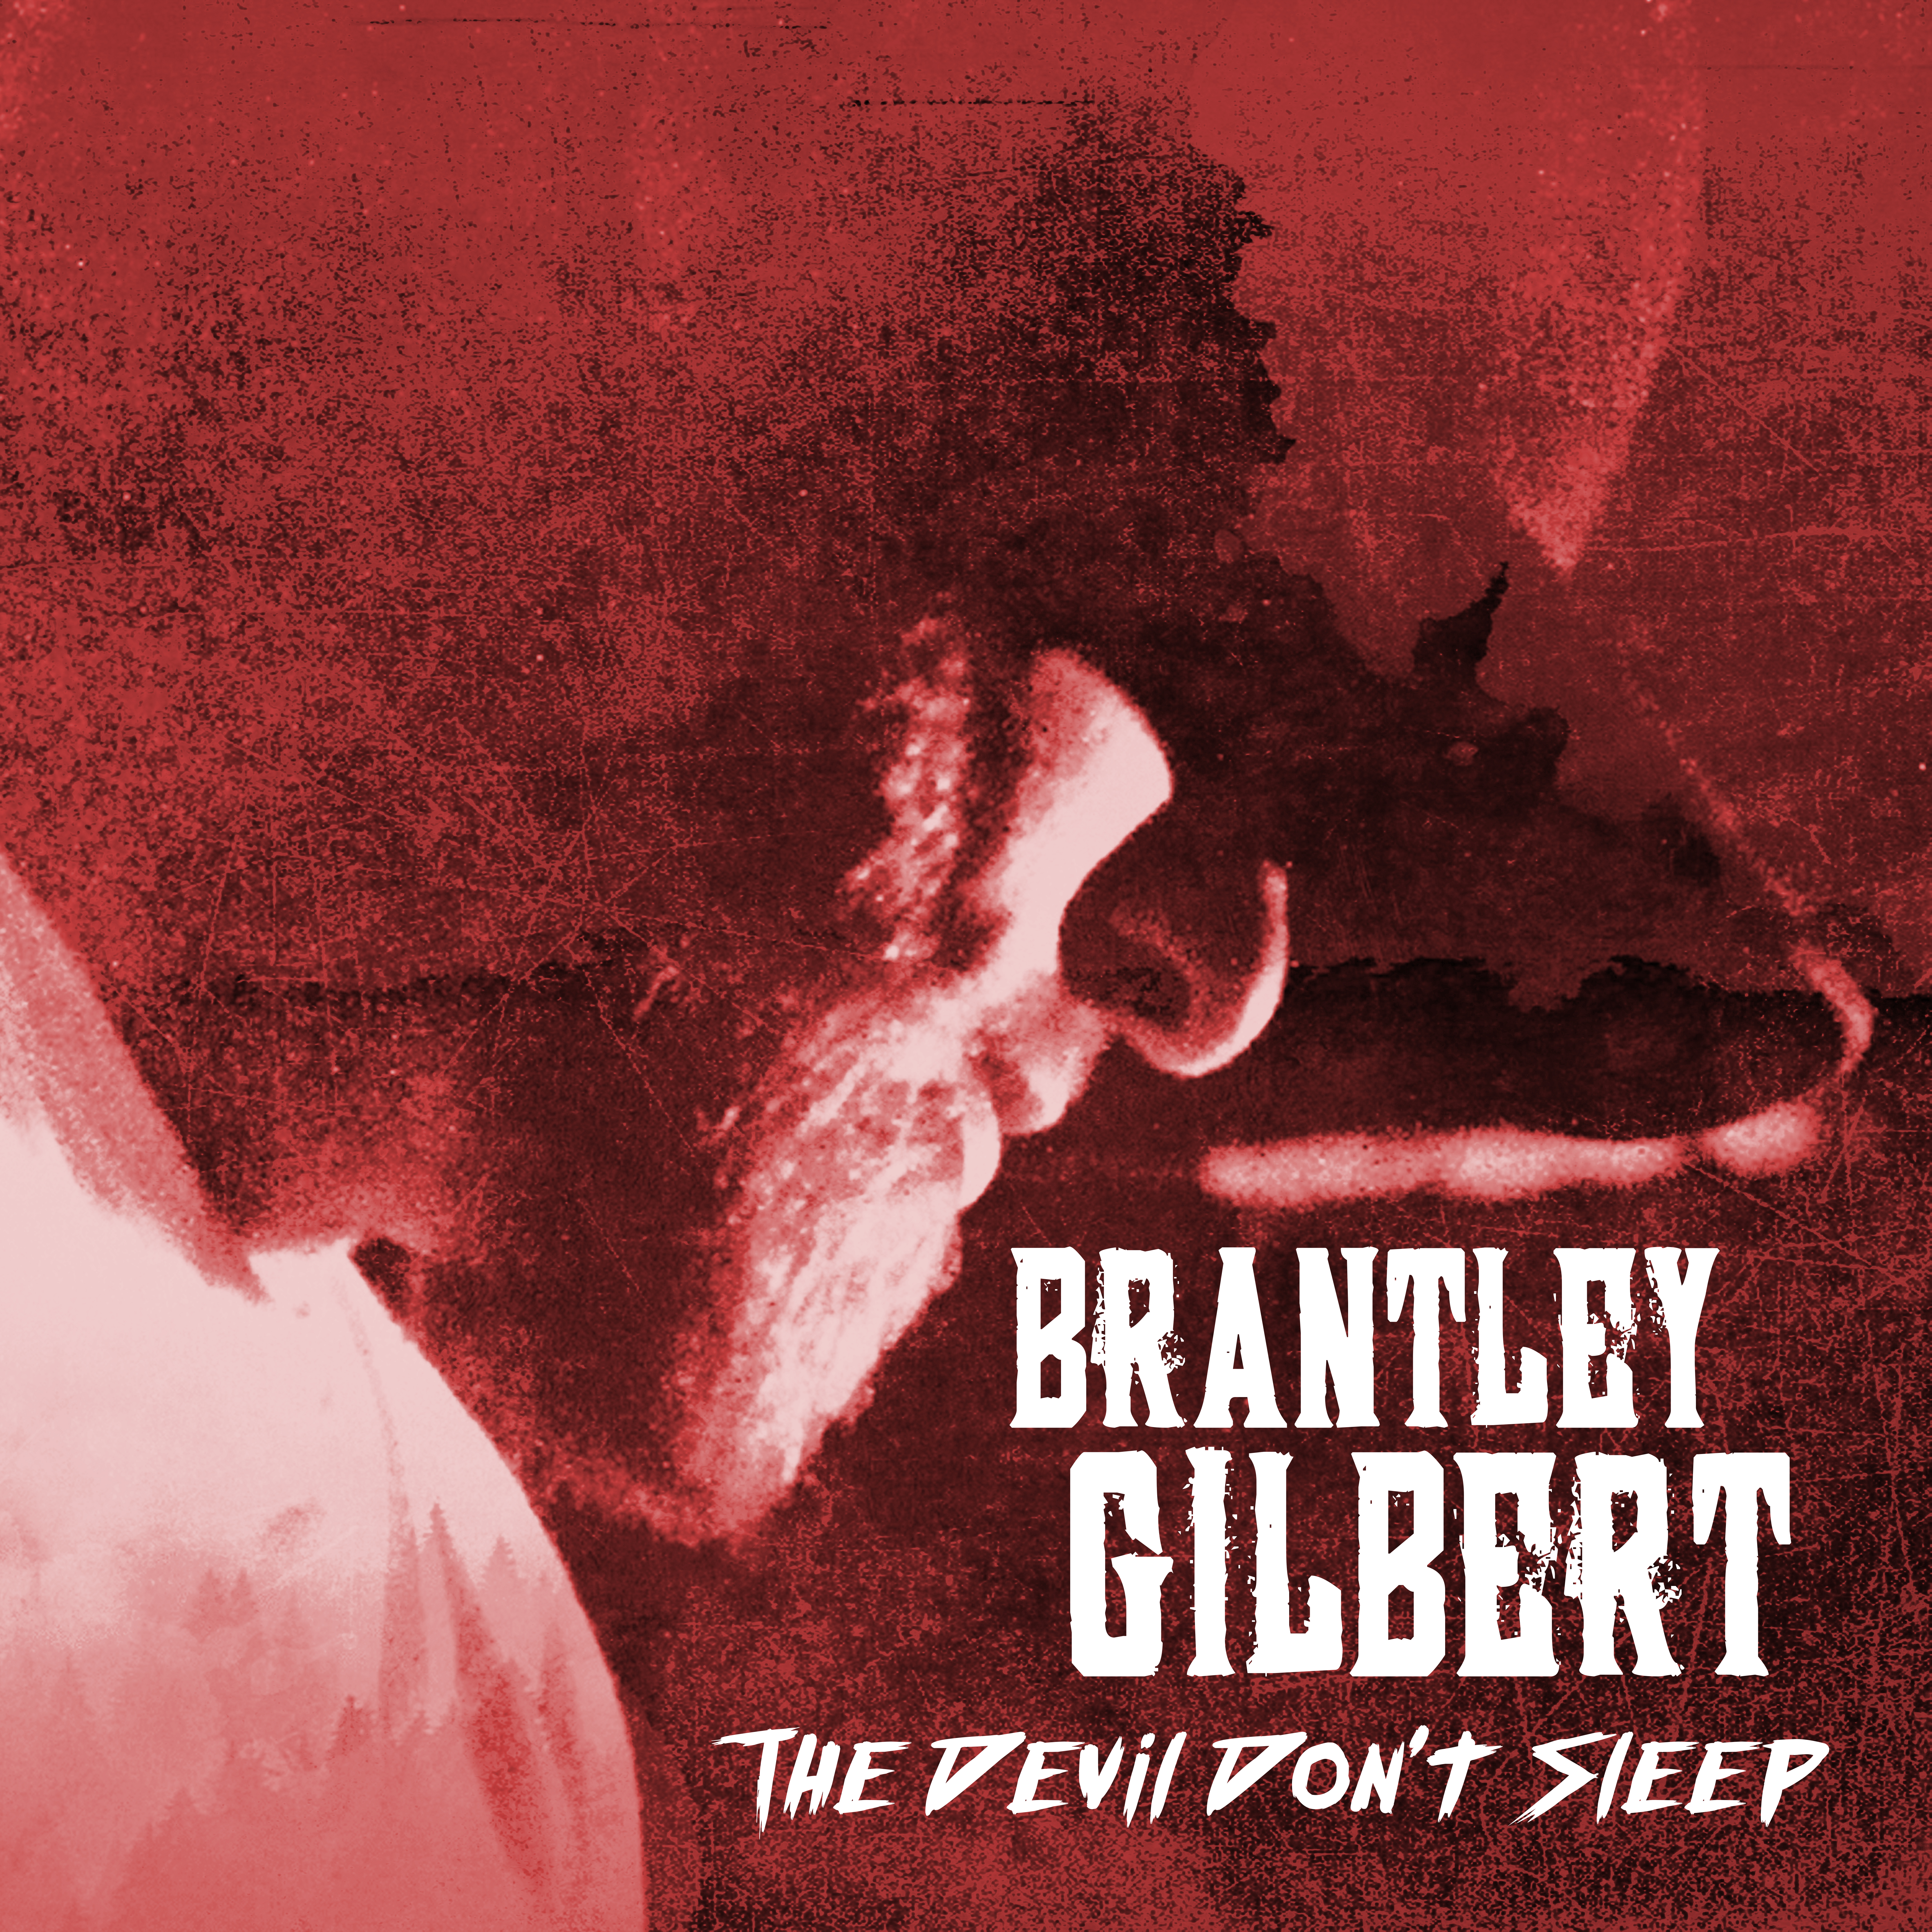 BRANTLEY GILBERT'S THE DEVIL DON'T SLEEP NEW ALBUM